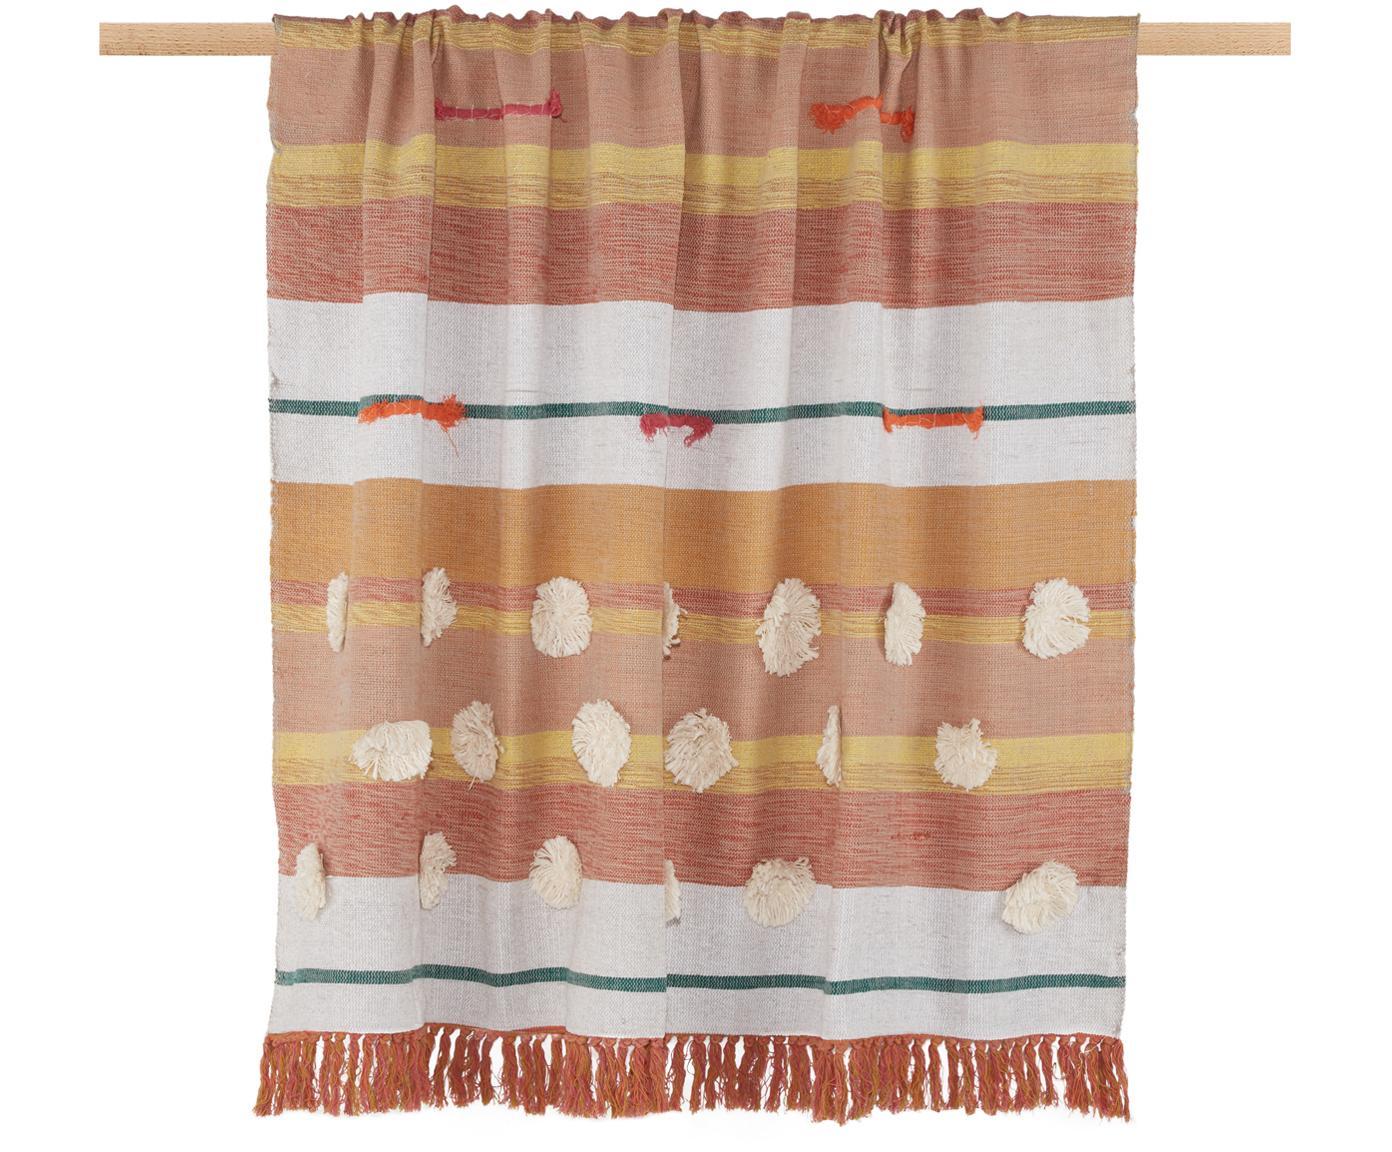 Pled z bawełny Madeline, 100% bawełna, Żółty, odcienie różowego, biały, zielony, S 130 x D 170 cm